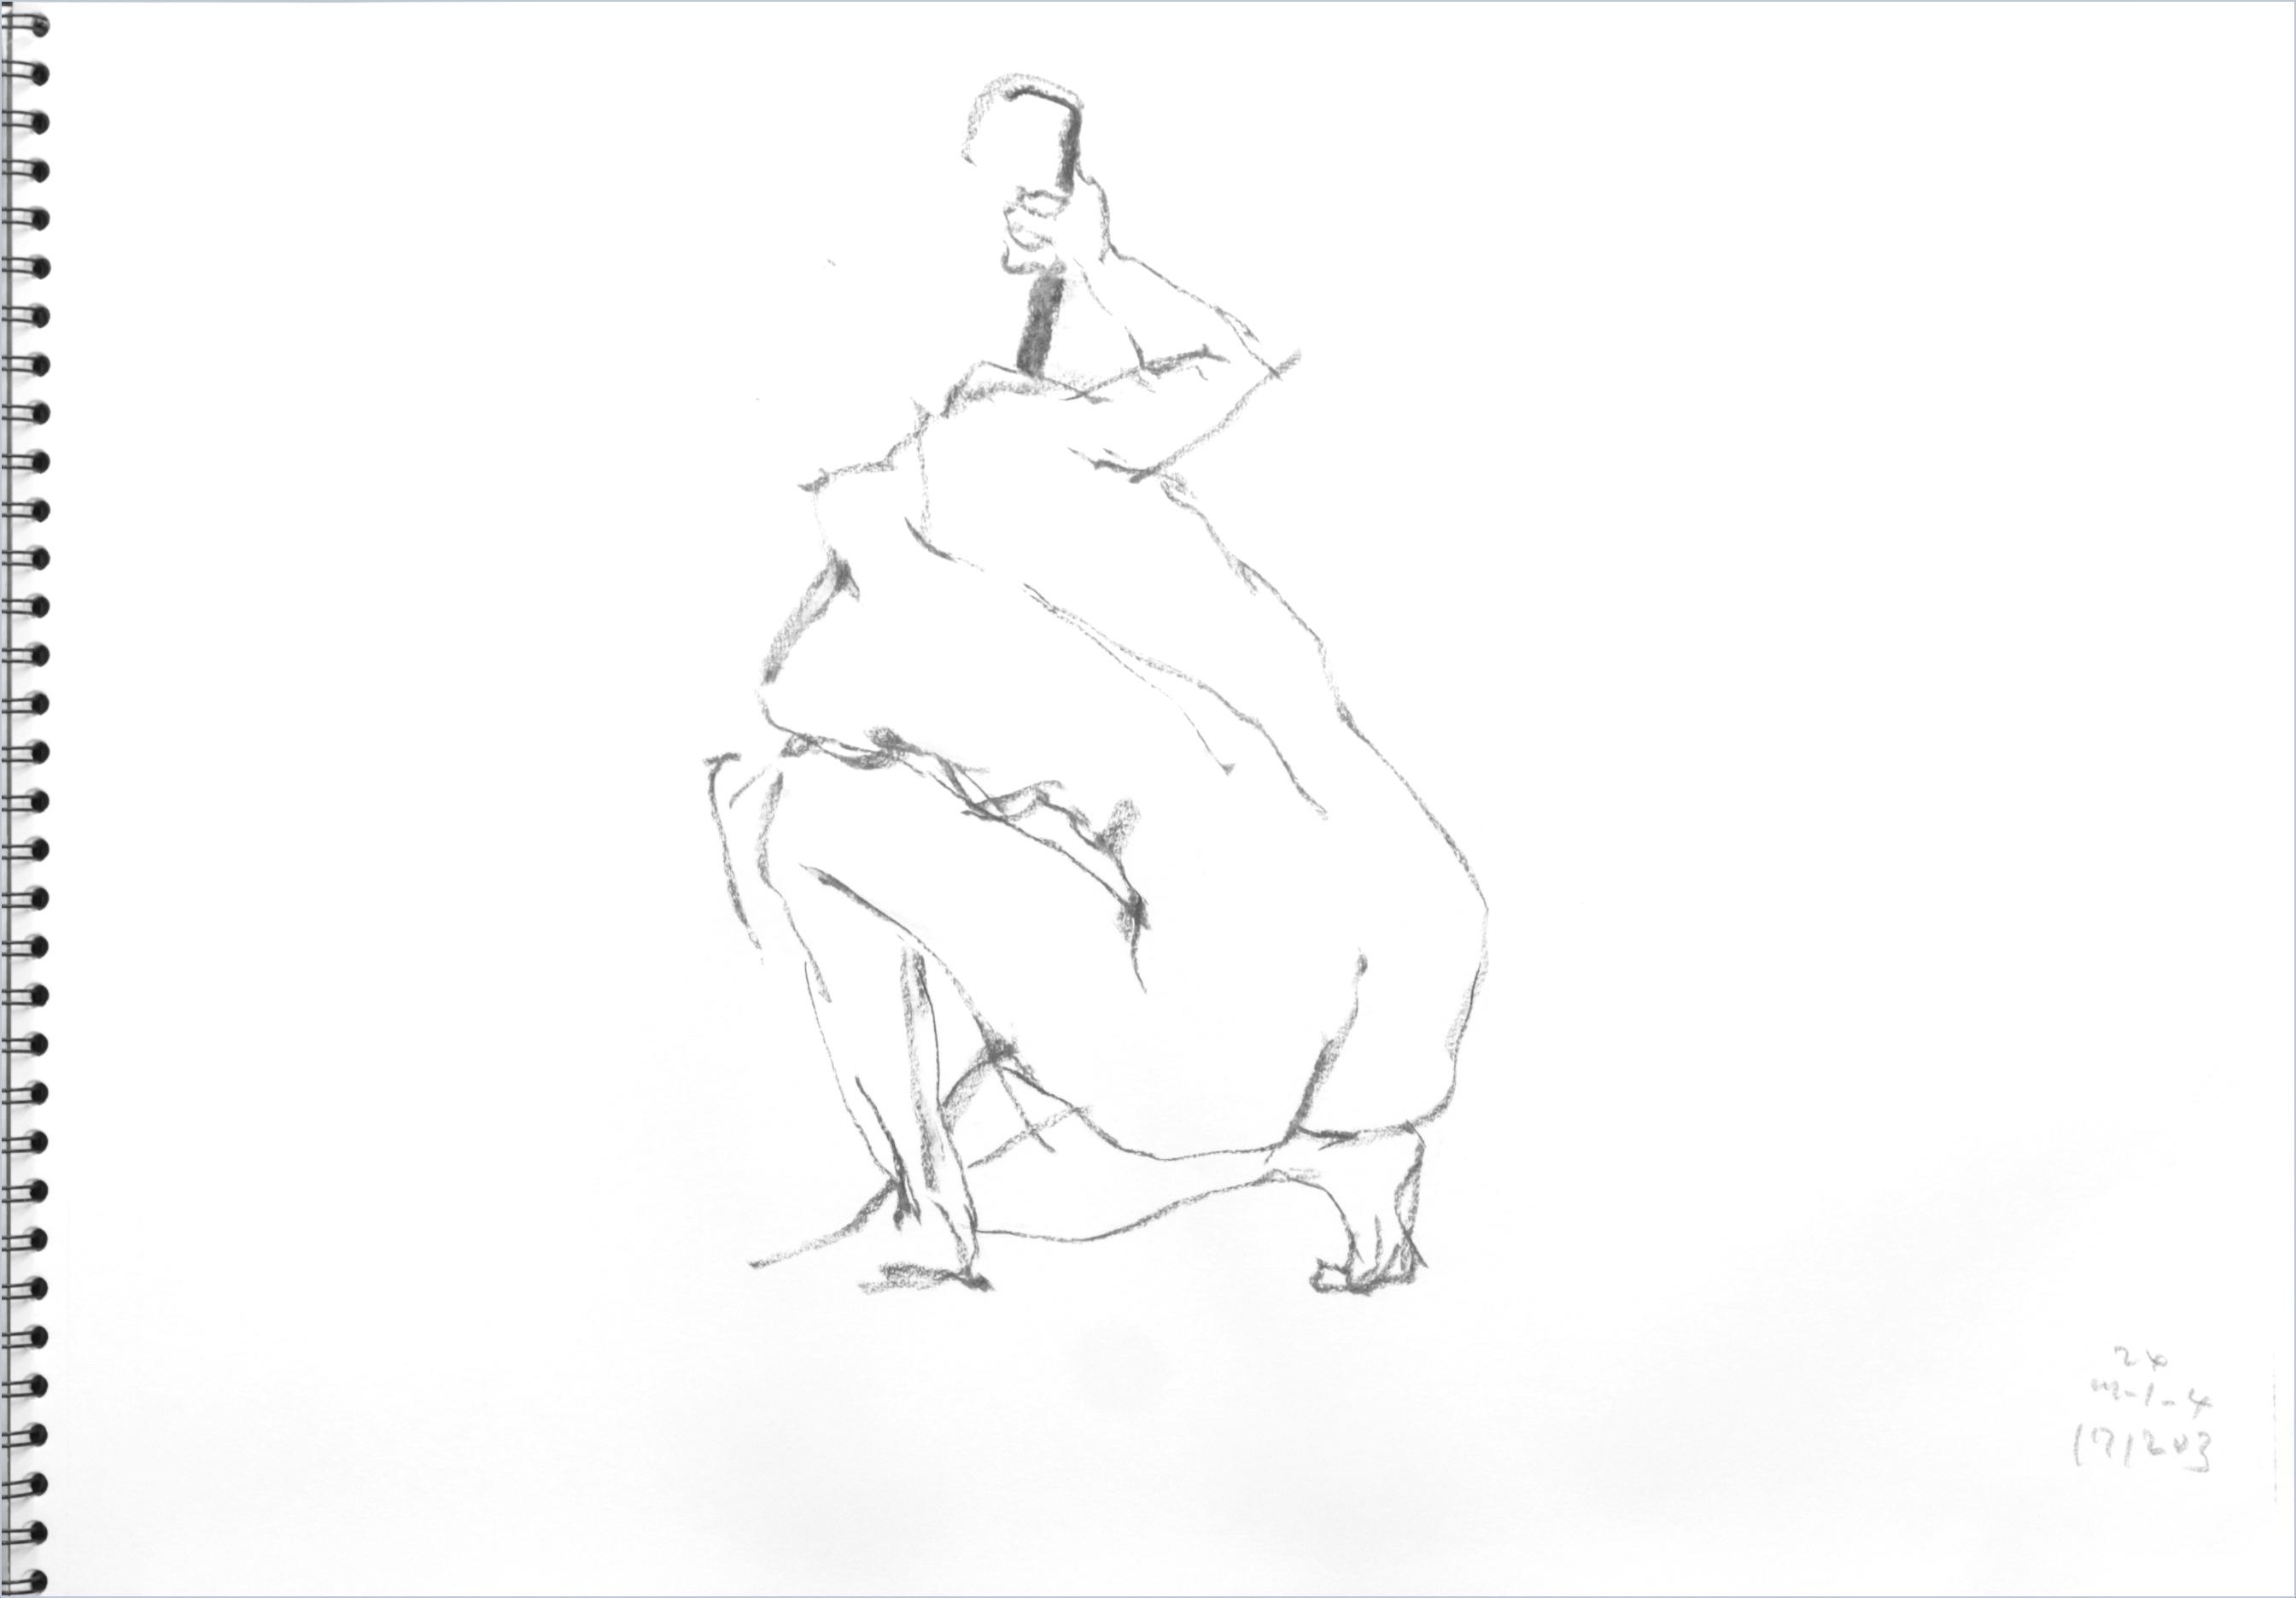 《 師走十二月の ― croquis・drawing・dessin・sketch・esquisse ― 10》_f0159856_06392434.jpg